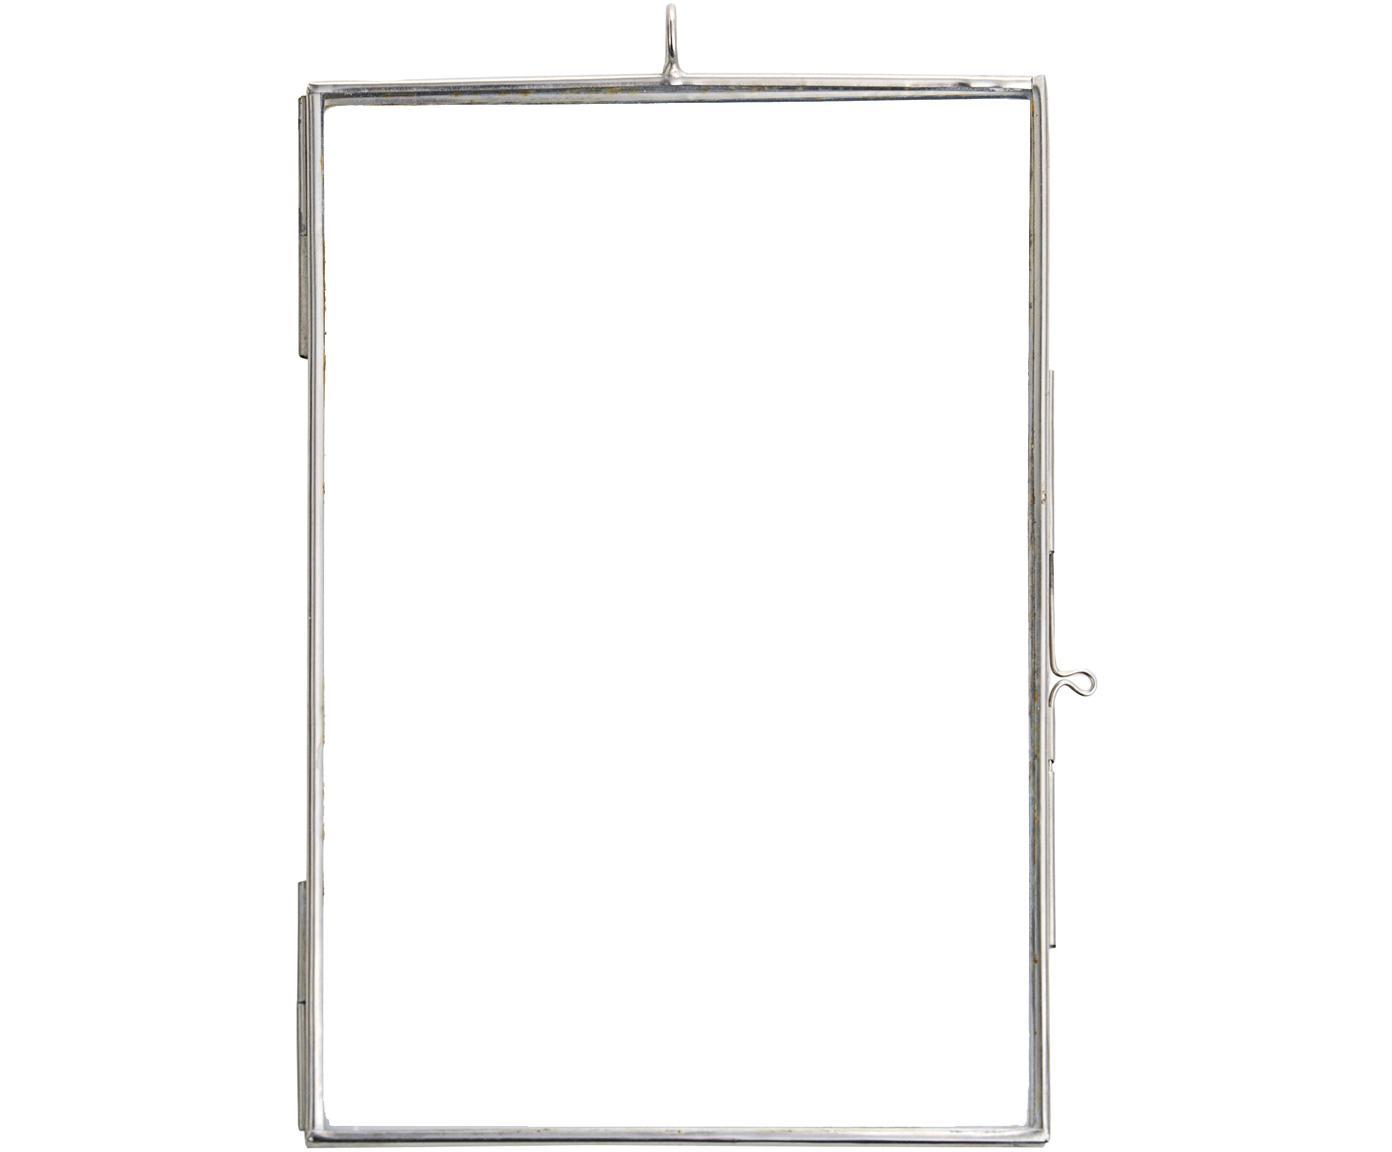 Cornice Key, Vetro, metallo rivestito, Acciaio inossidabile, 10 x 15 cm